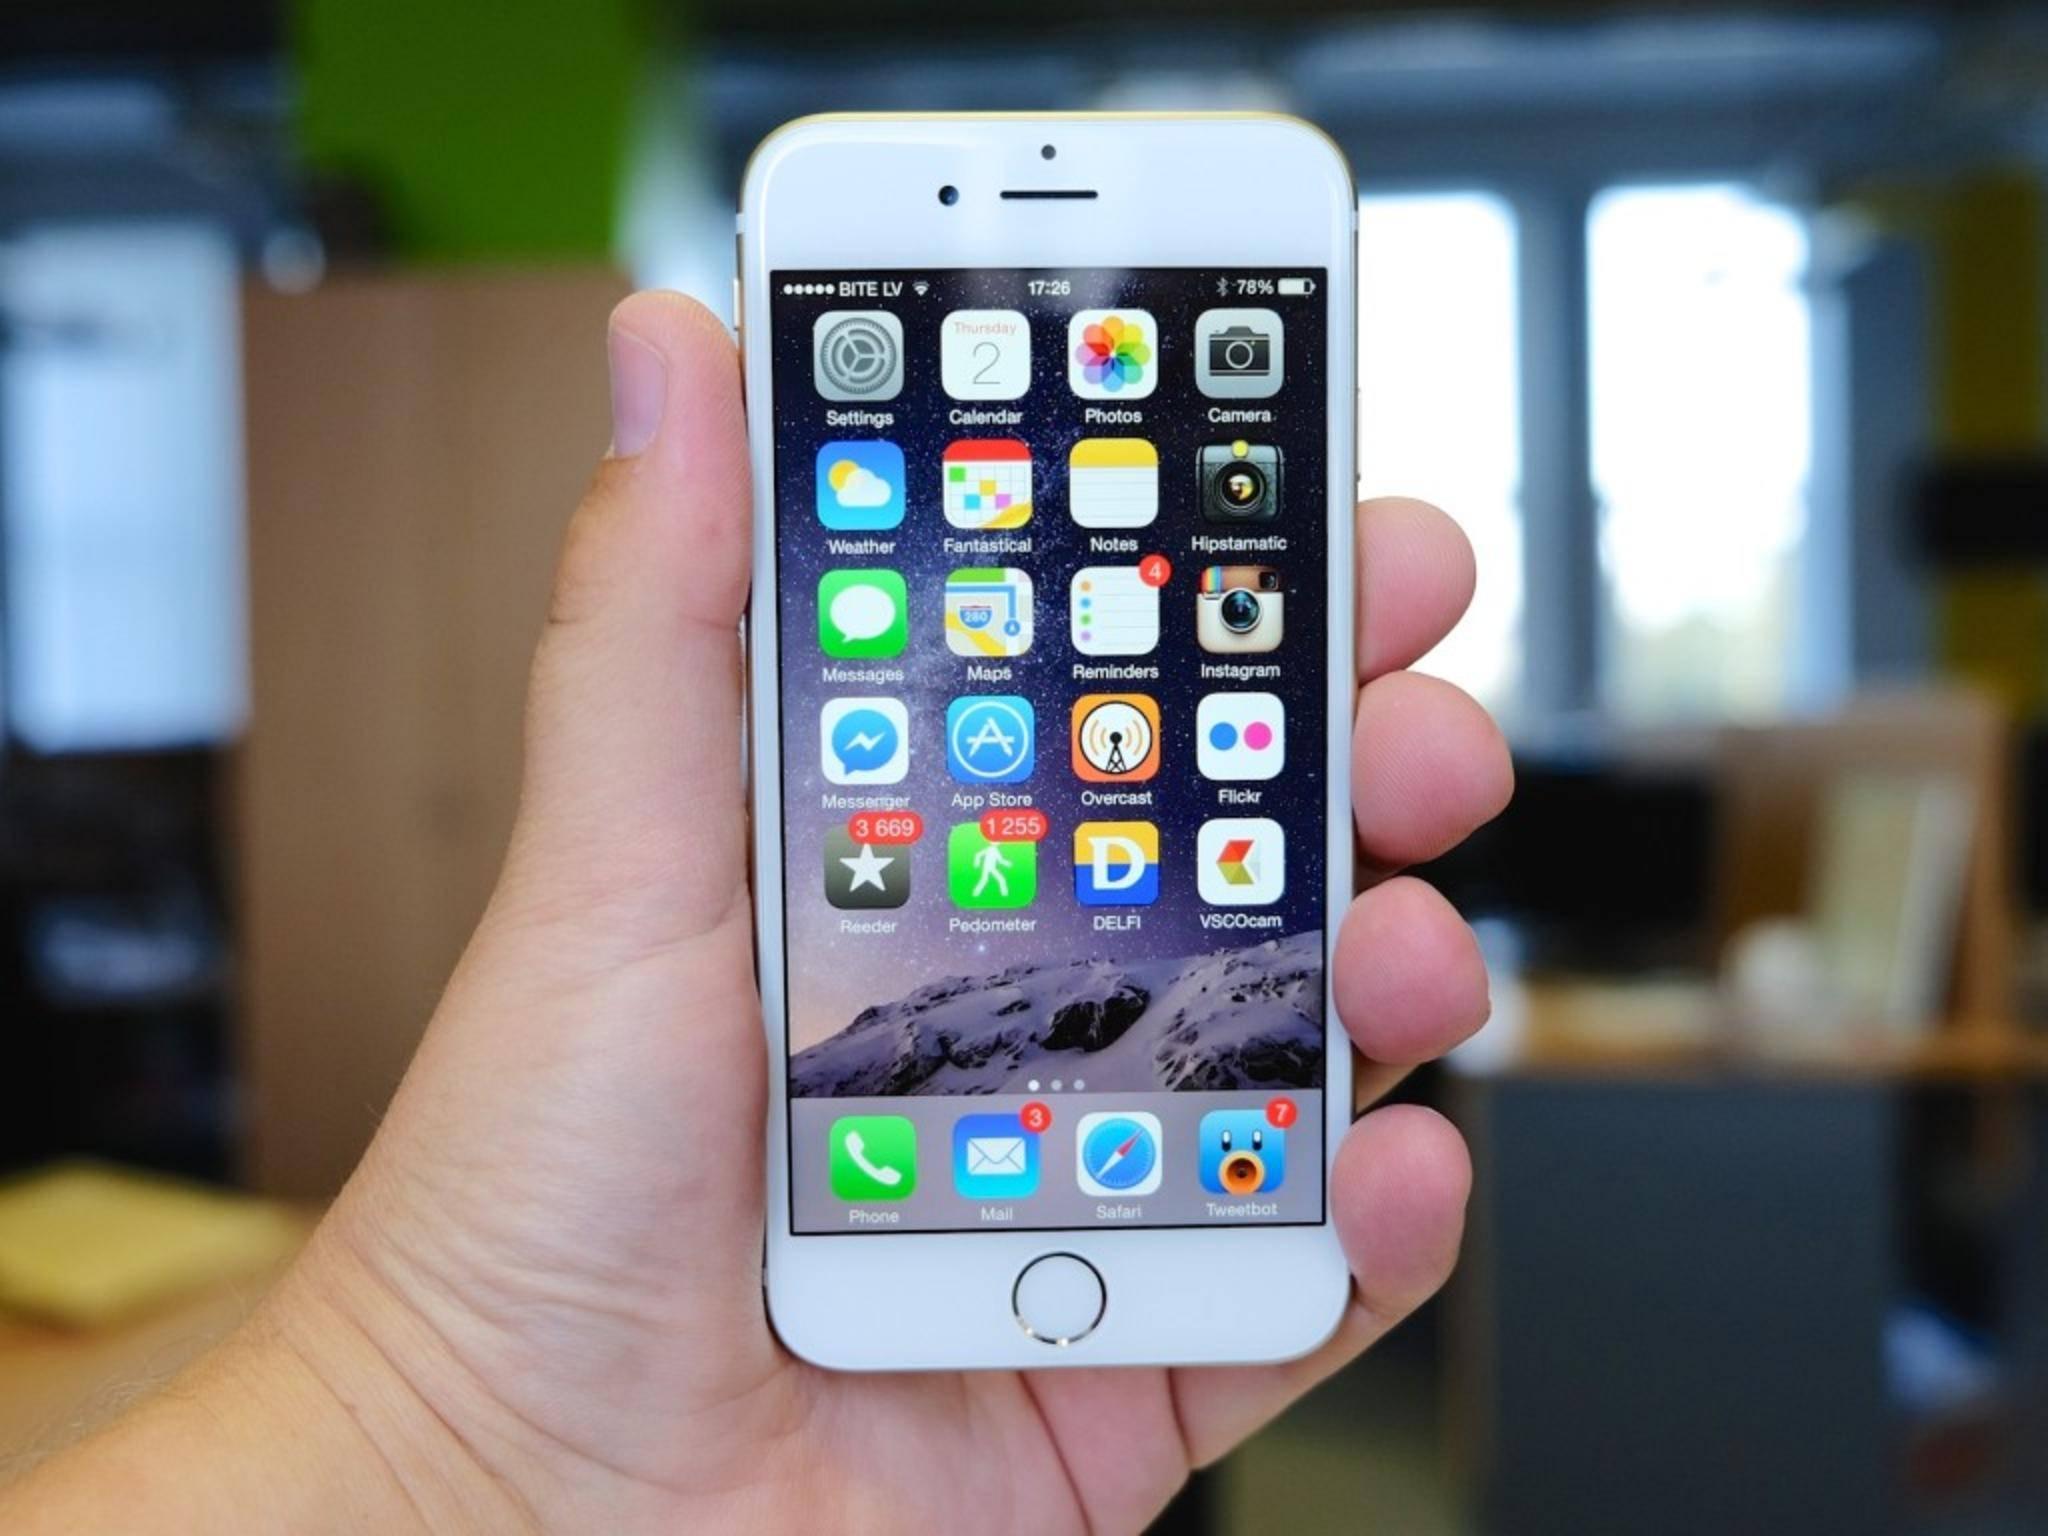 Rosige Aussichten für Apple: Das iPhone 6 verkauft sich hervorragend.